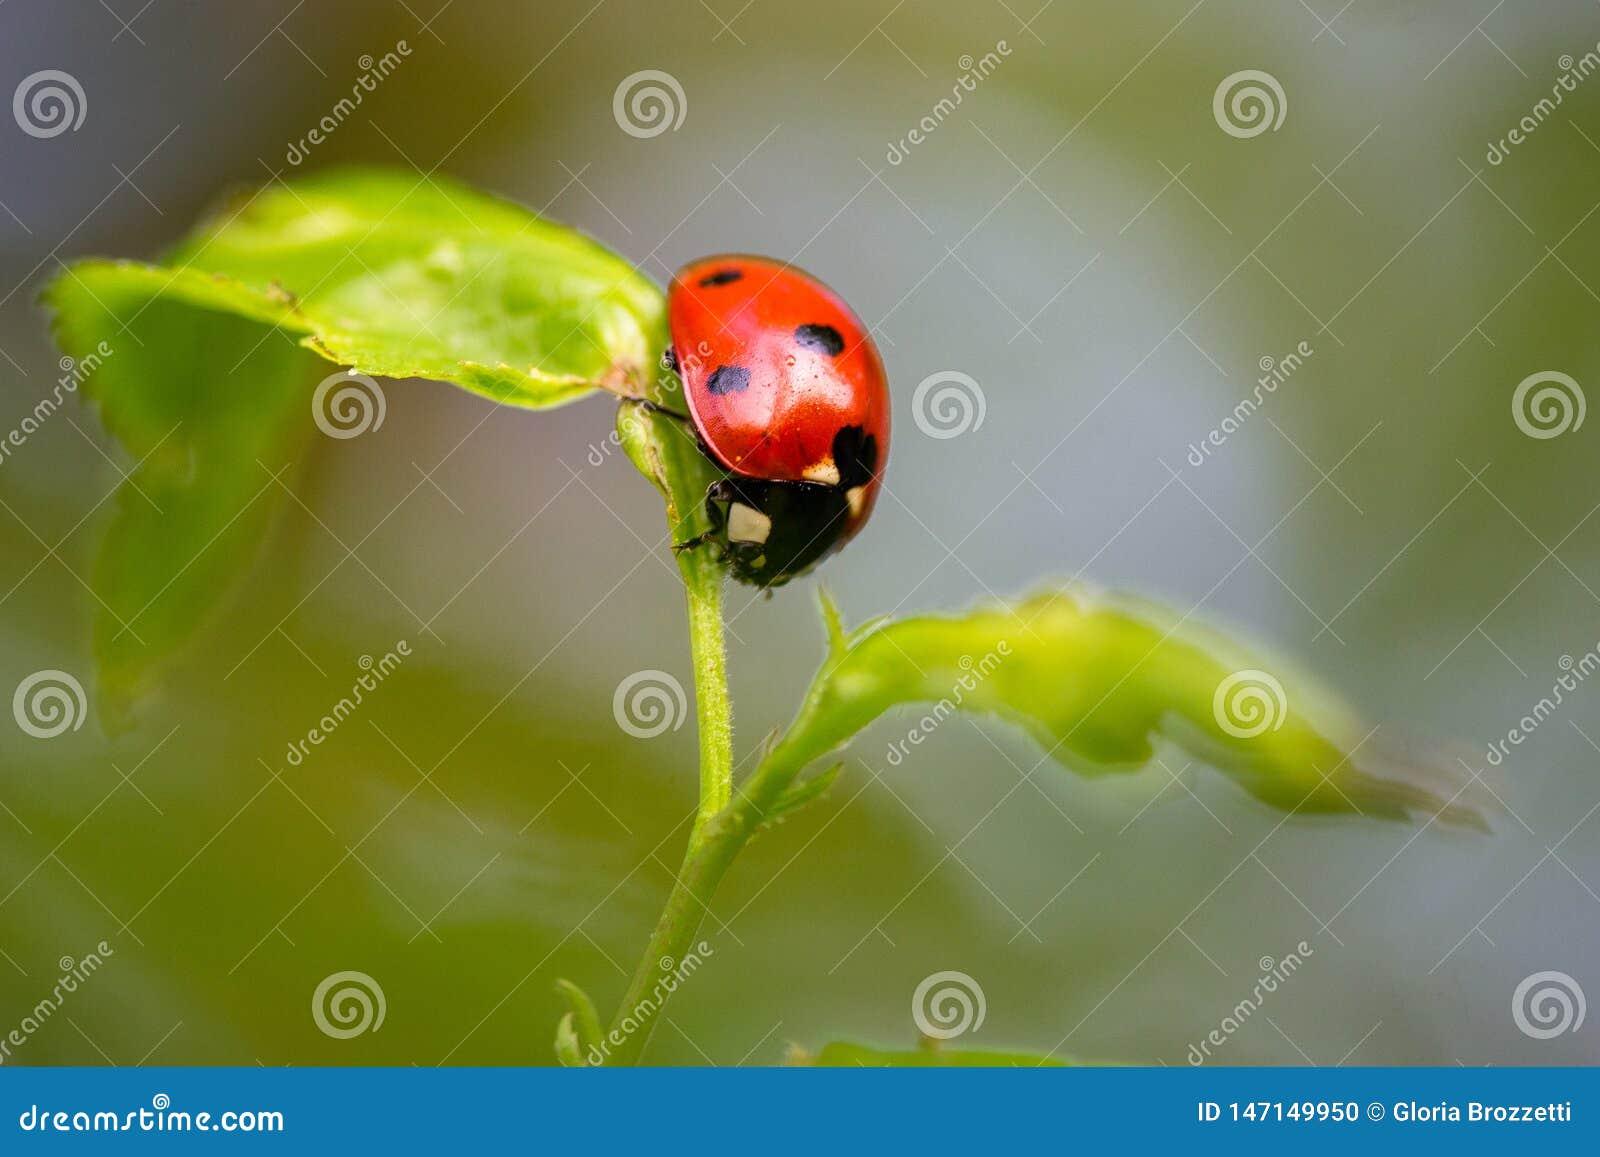 Joaninha no equilíbrio em uma planta pequena